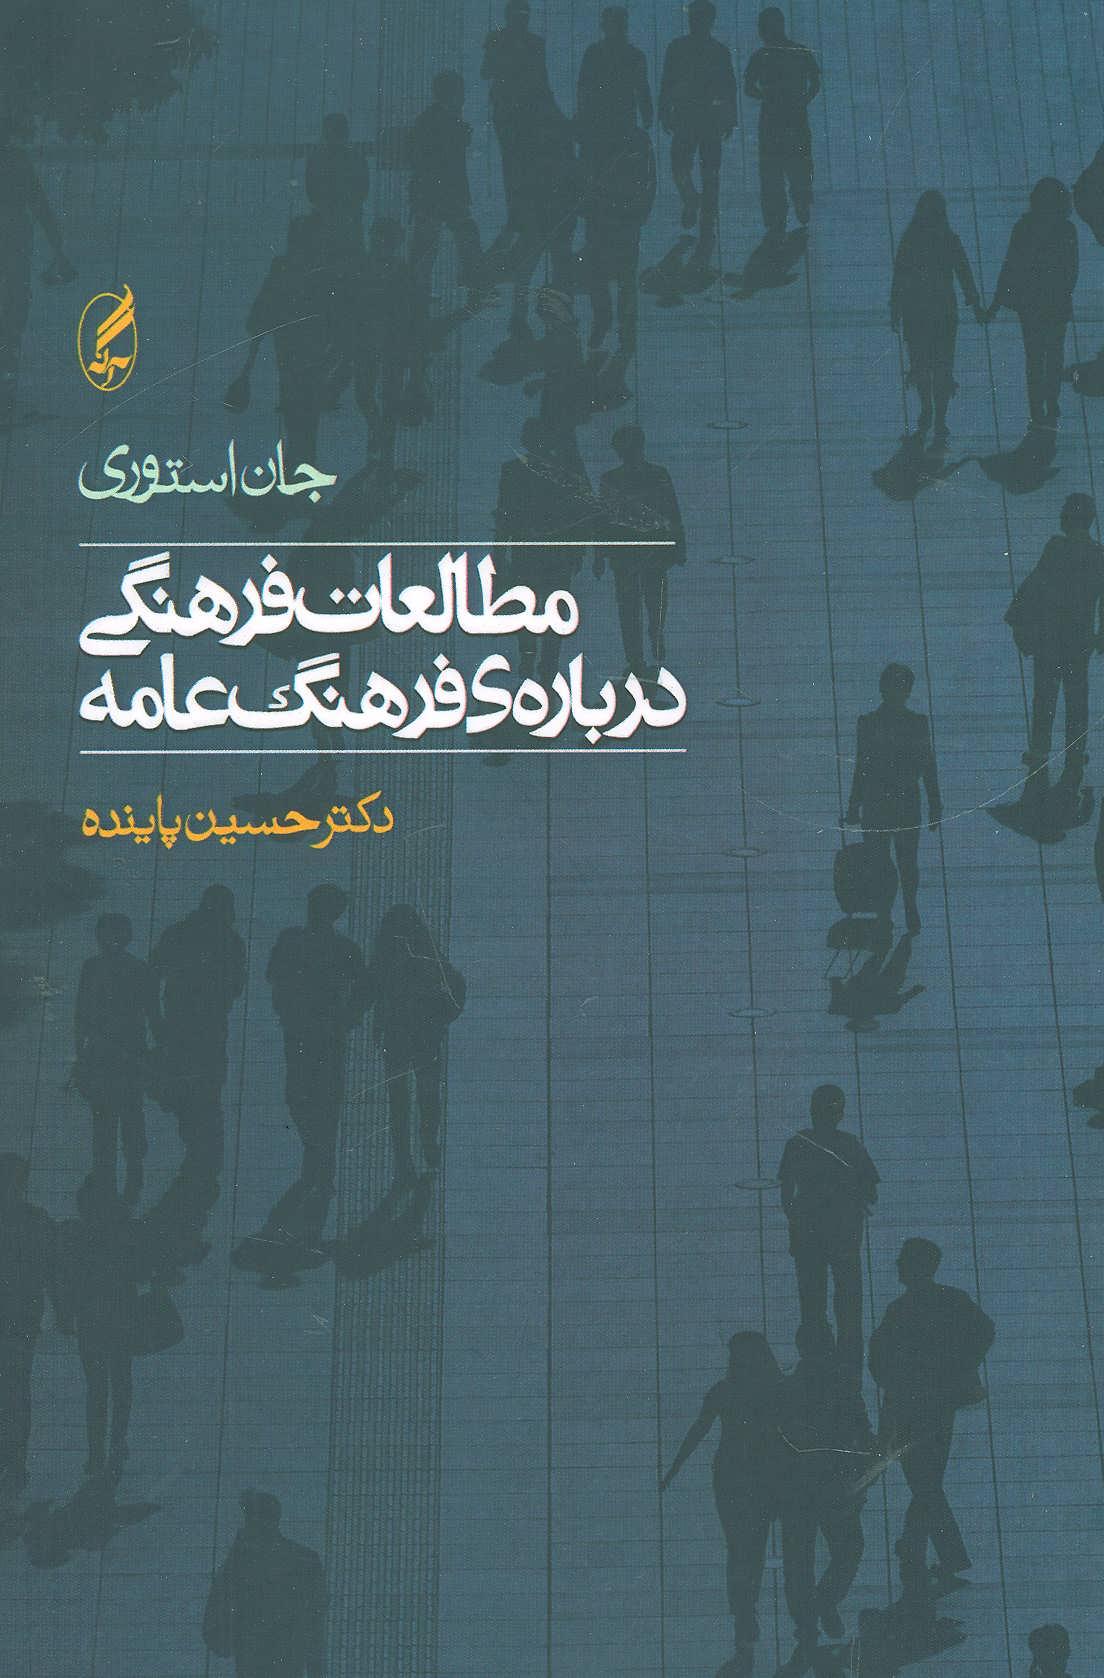 کتاب مطالعات فرهنگی دربارهٔ فرهنگ عامه